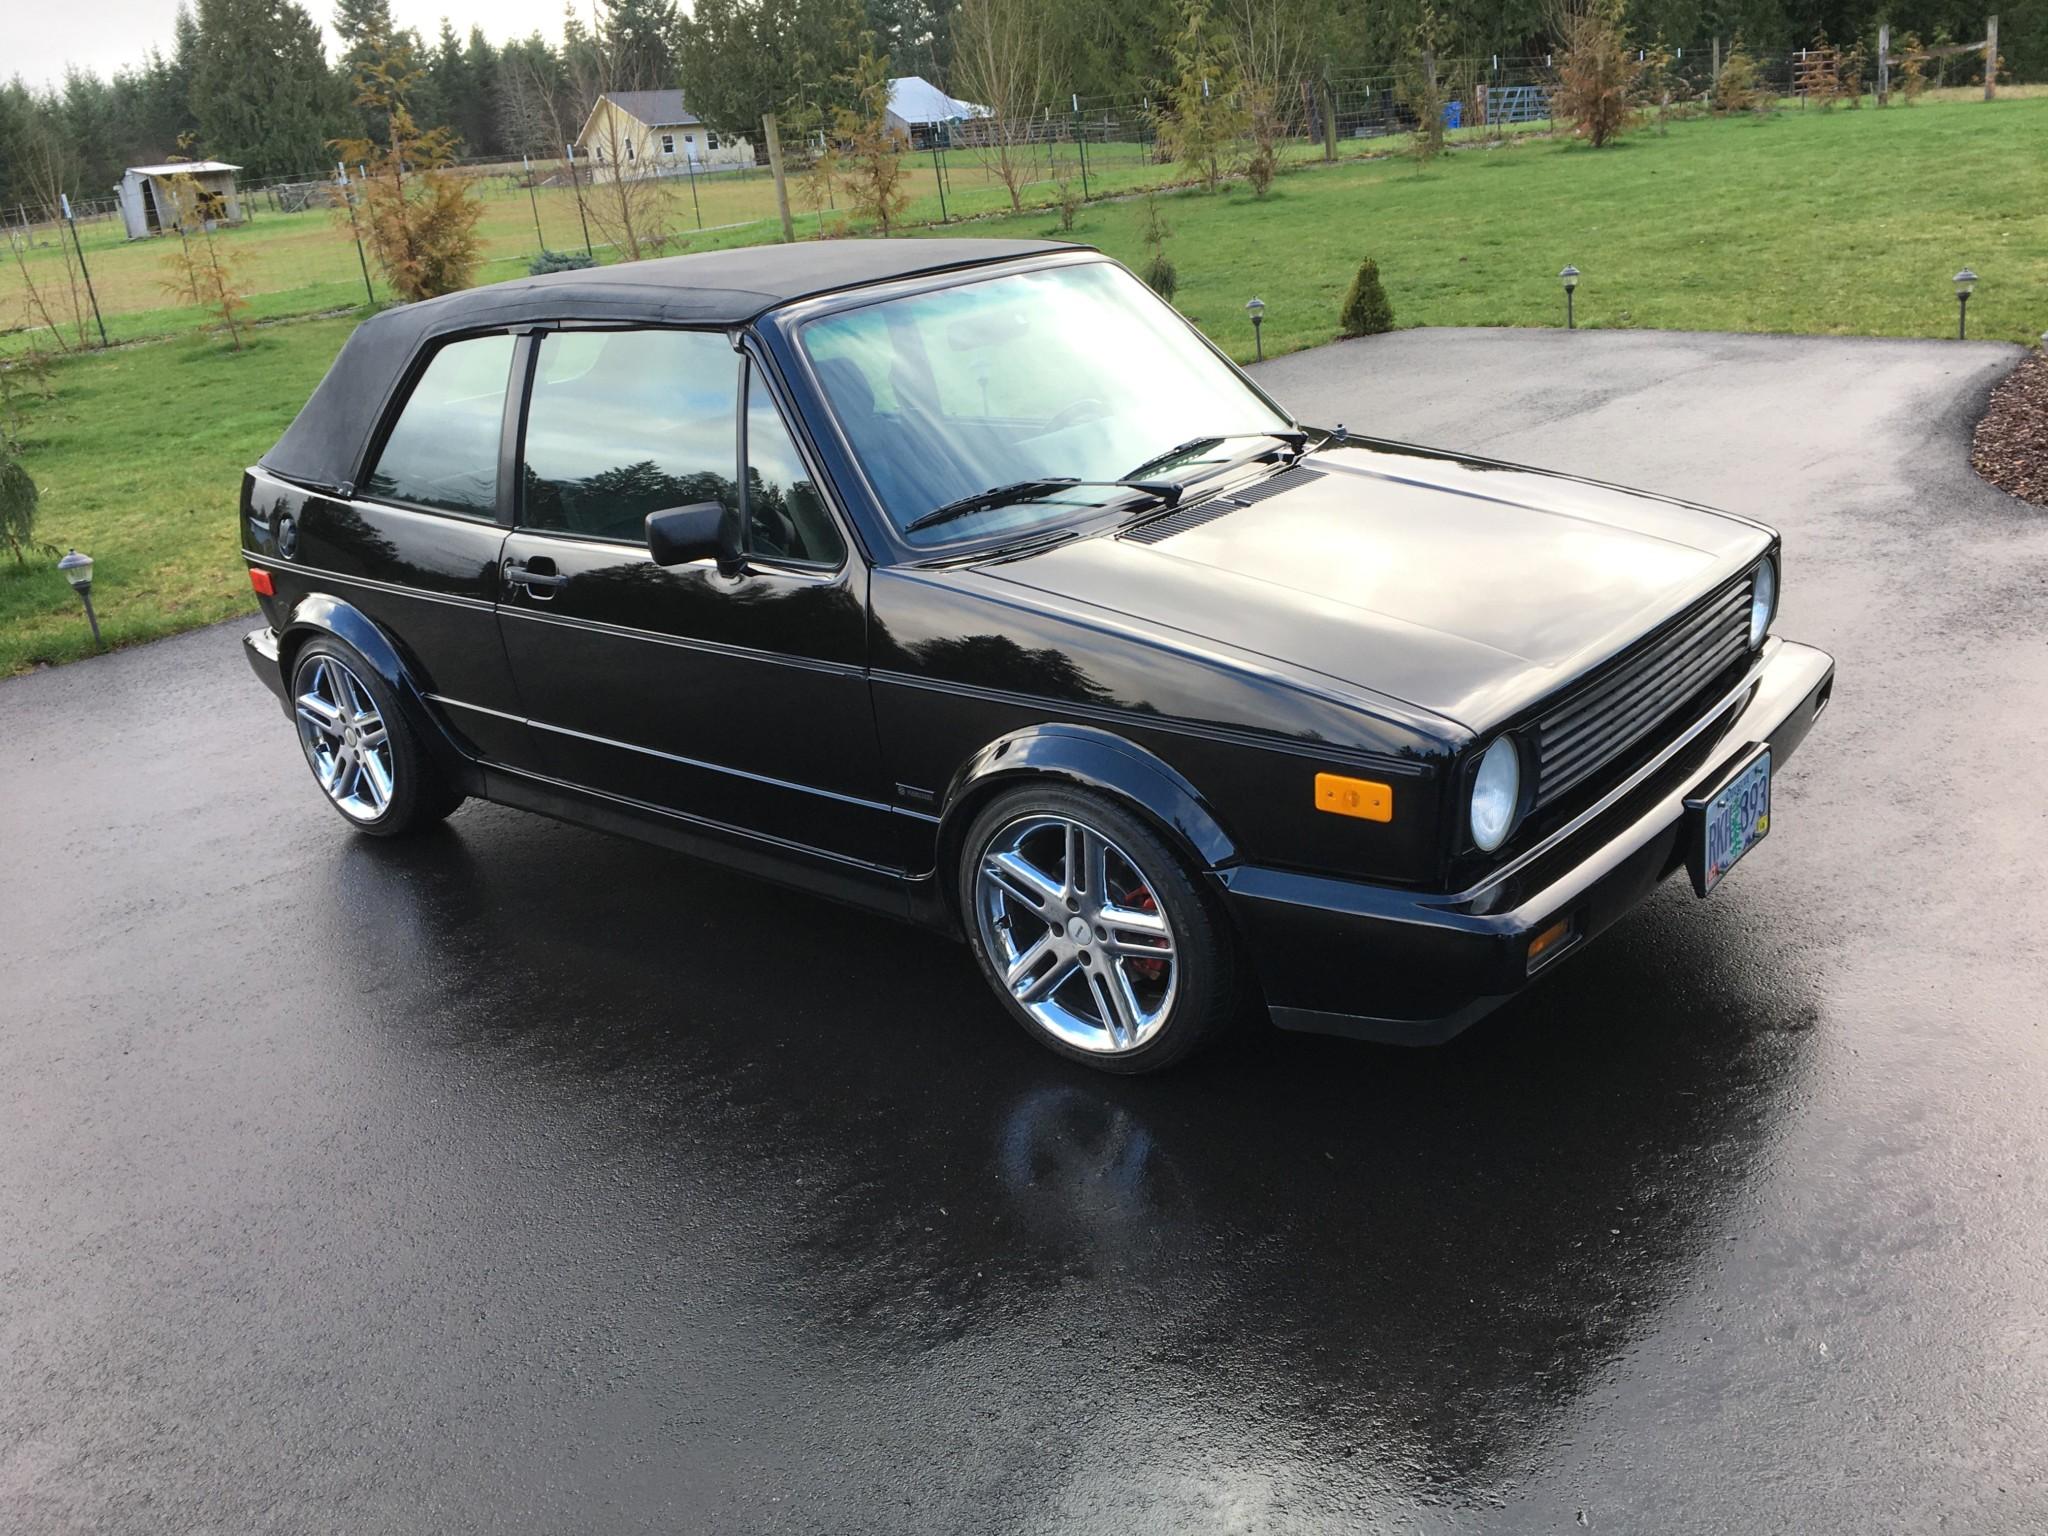 1990_volkswagen_cabriolet_15828486933b3ae78088709A4-D7CF-494A-B3E1-8AC689D061D3